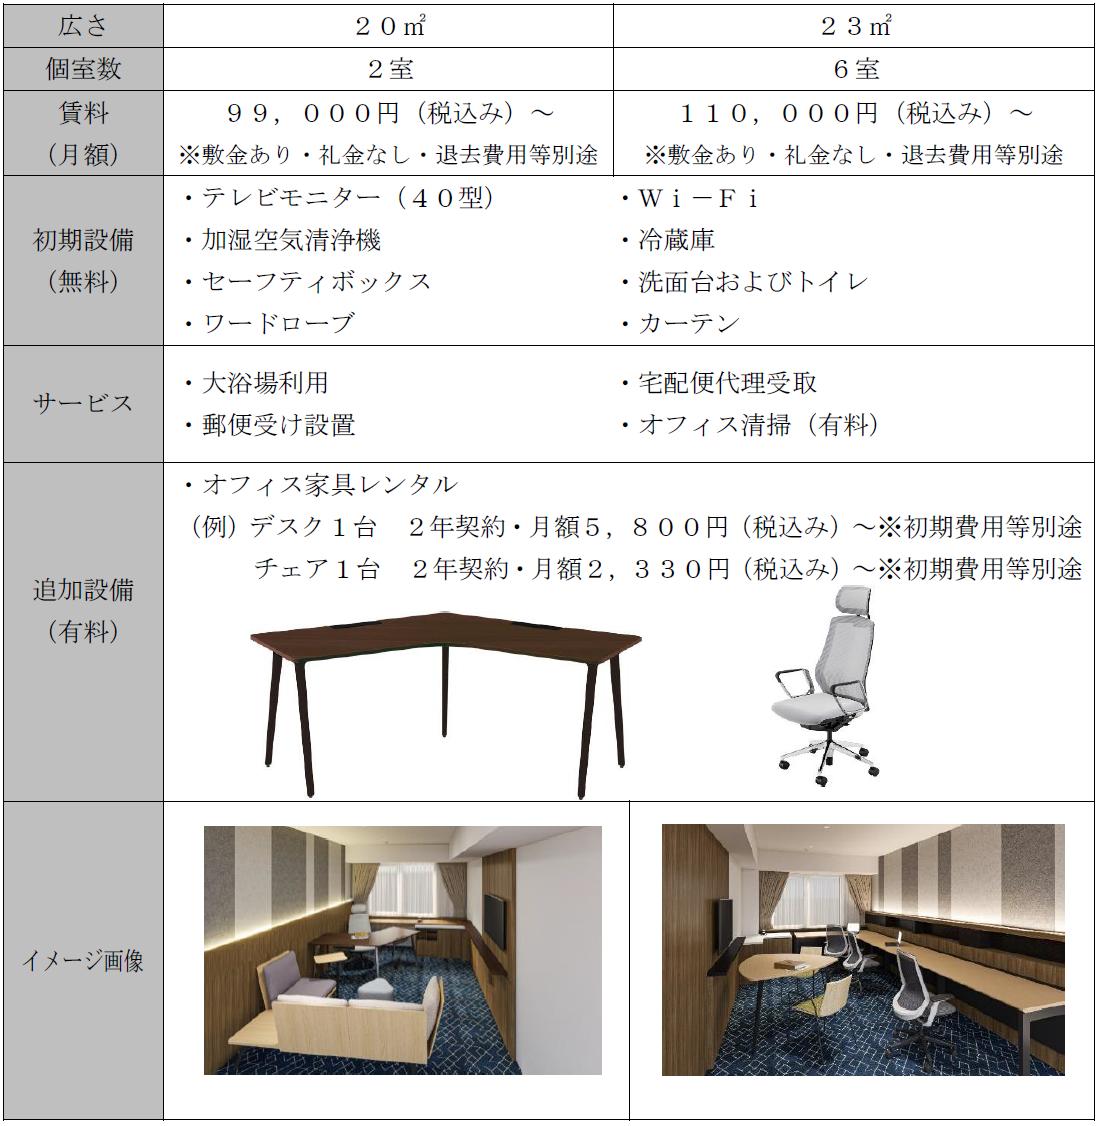 【京王プレリアホテル札幌】客室のカスタムオフィス化を実施します!